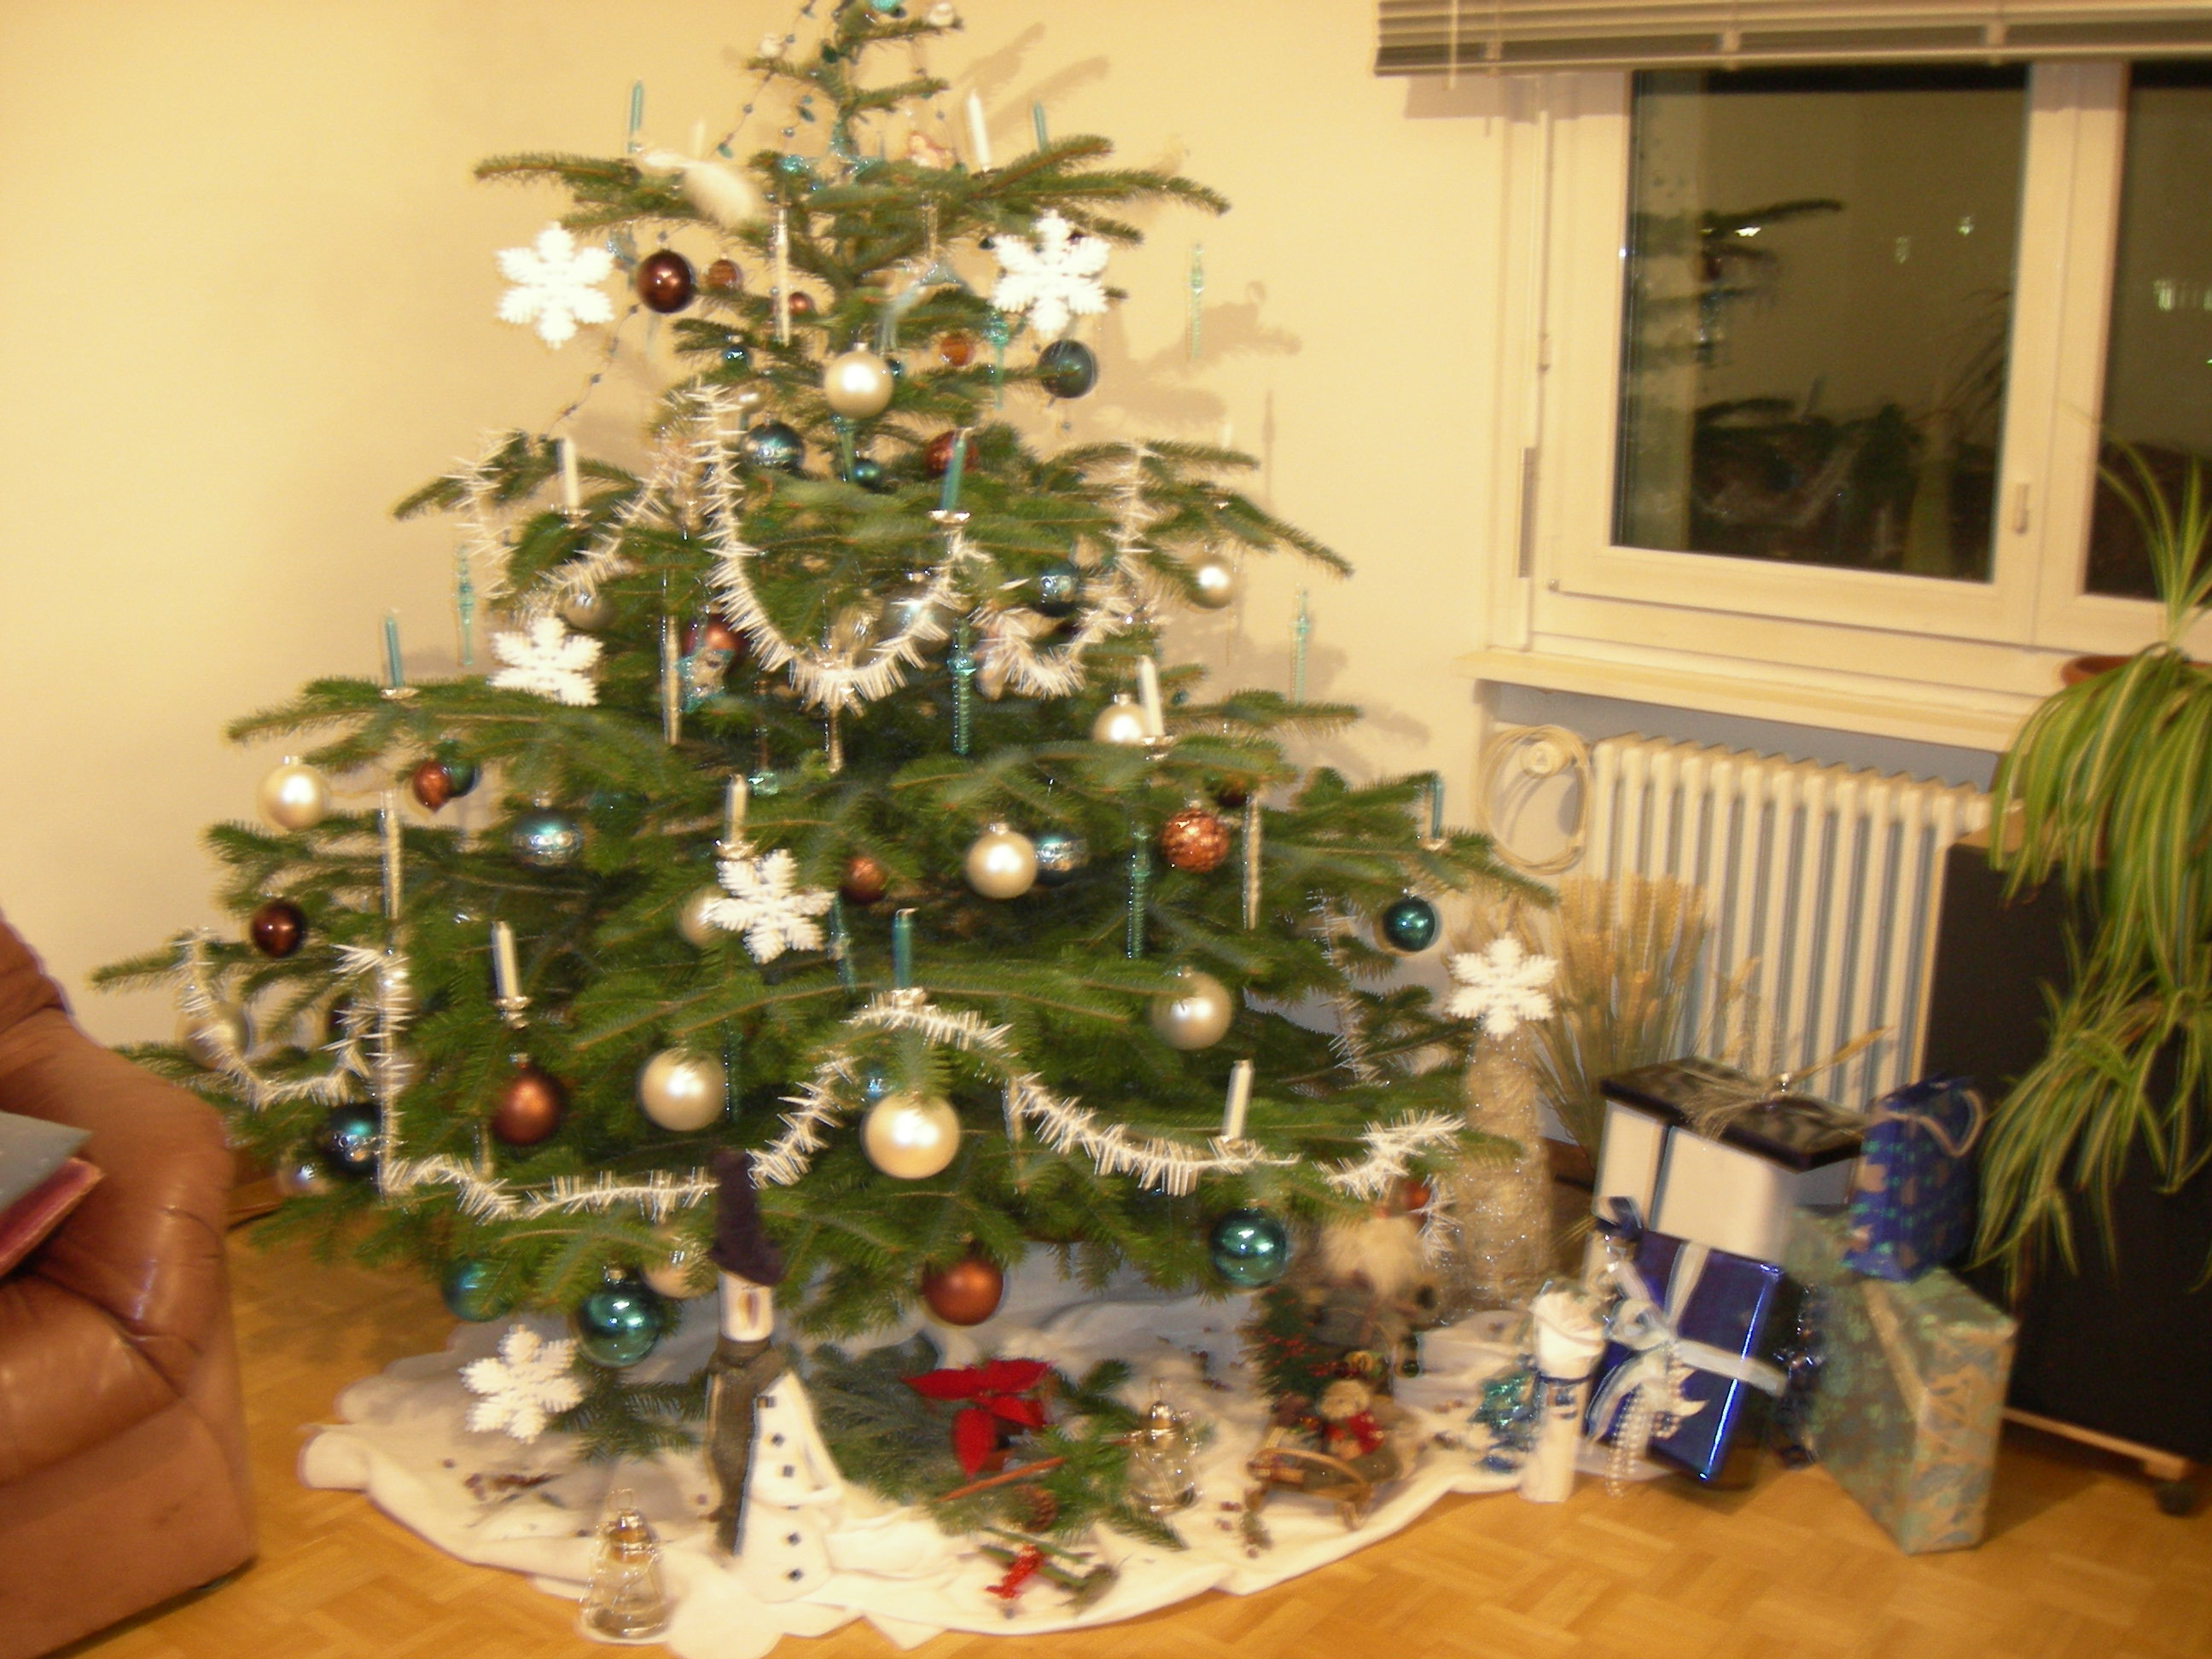 wie schm ckt ihr eure weihnachtsb ume freizeitvergn gen. Black Bedroom Furniture Sets. Home Design Ideas